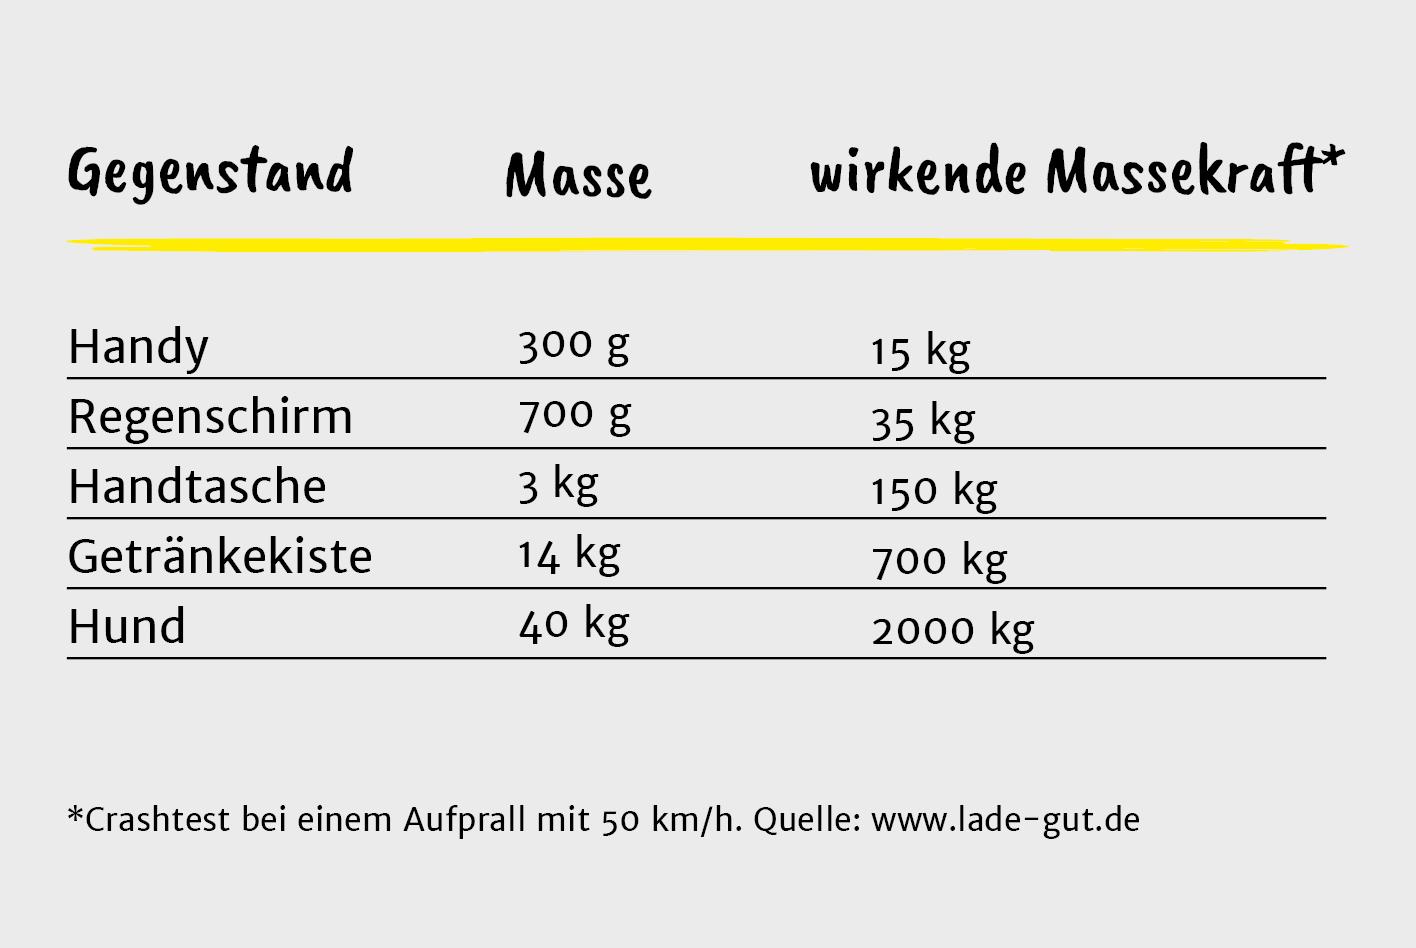 Tabelle: Die Eigengewichte der Gegenstände und ihre beim Aufprall entwickelte Massekraft.